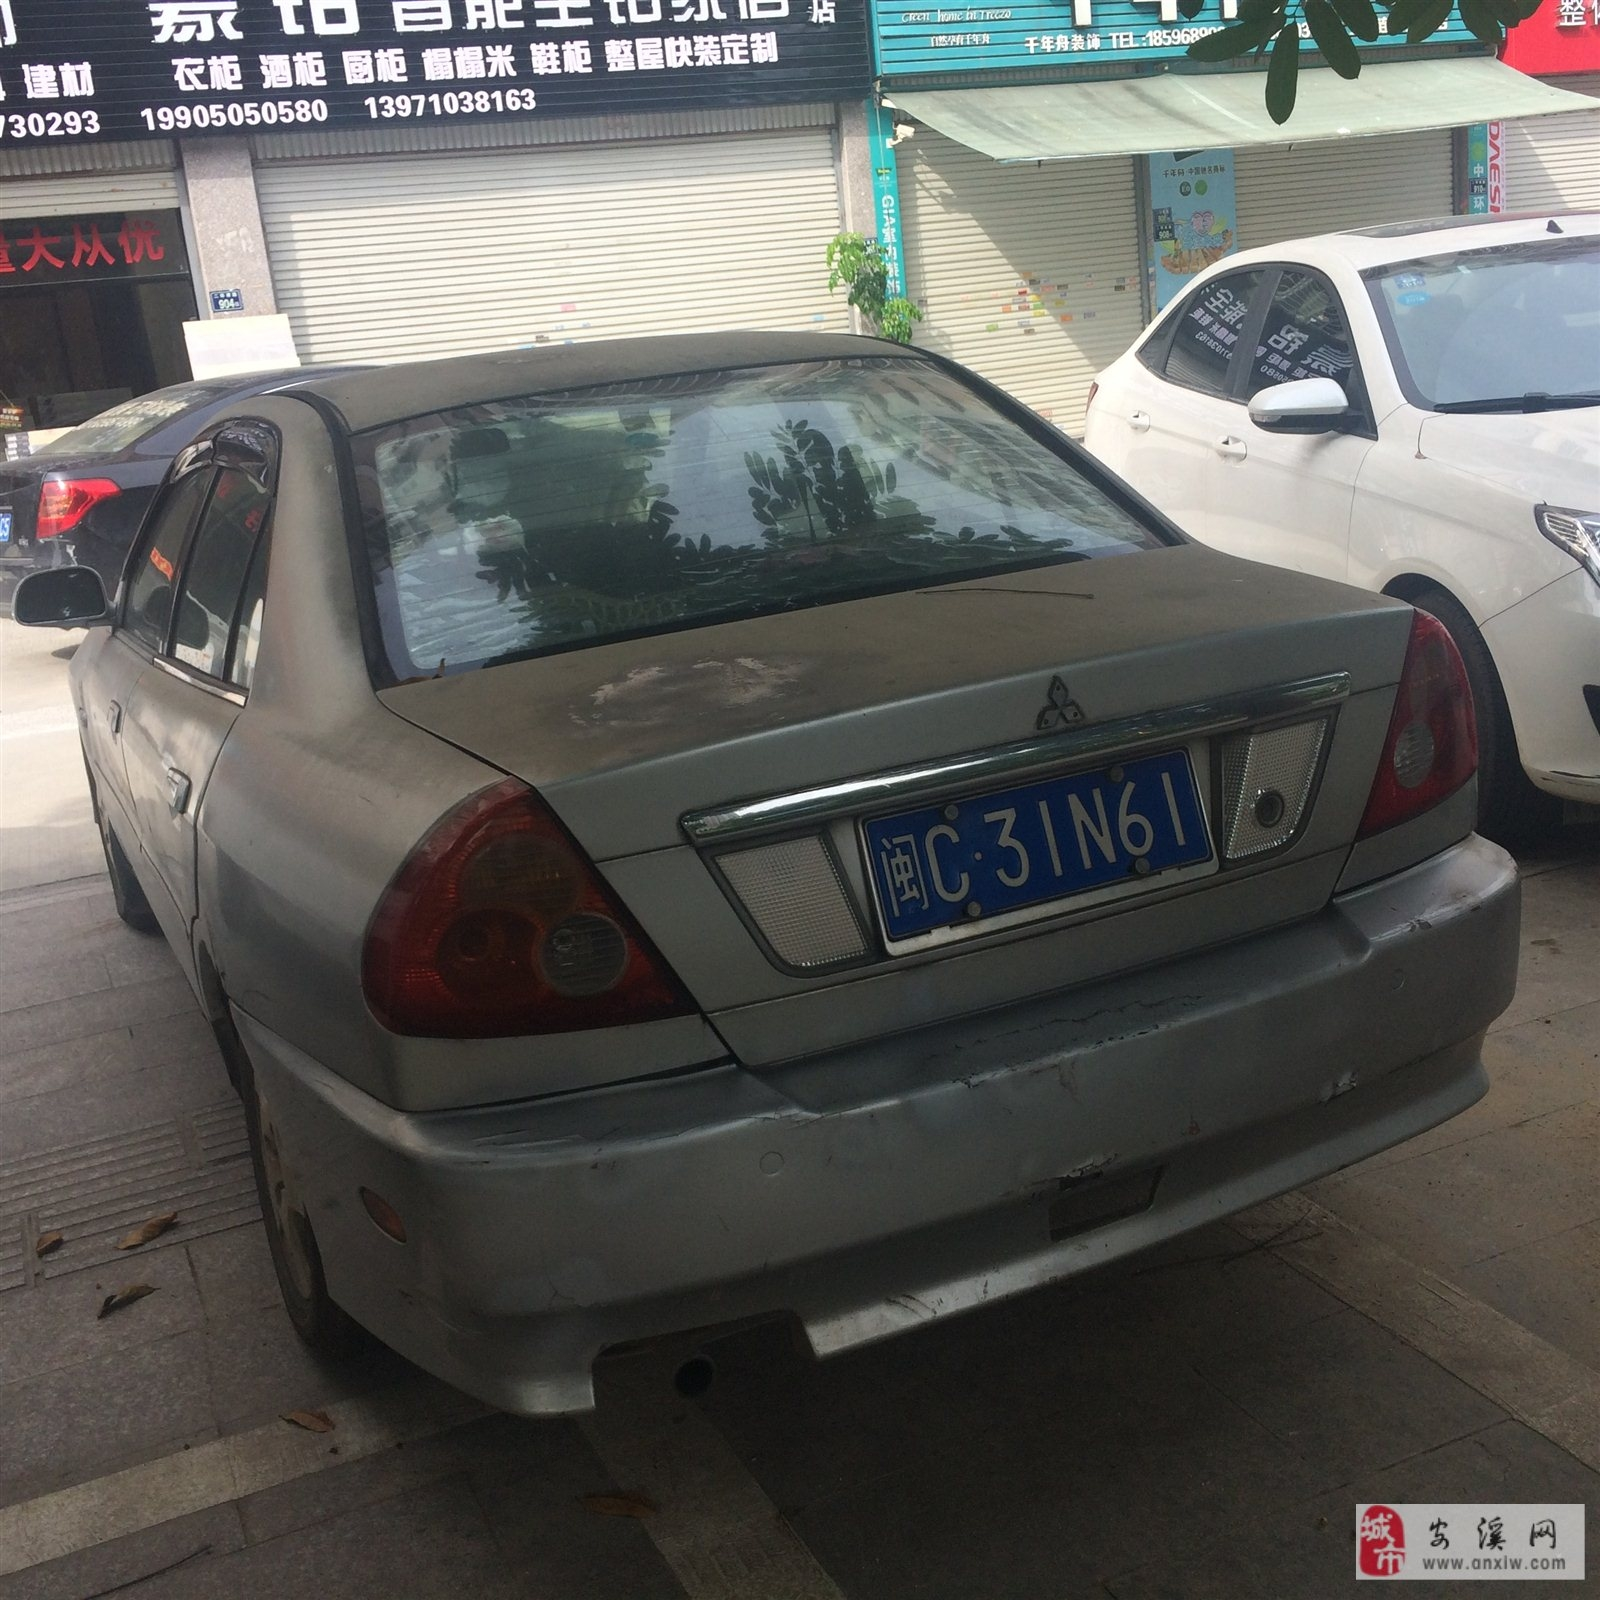 東南菱帥2004款1.6帶ABS